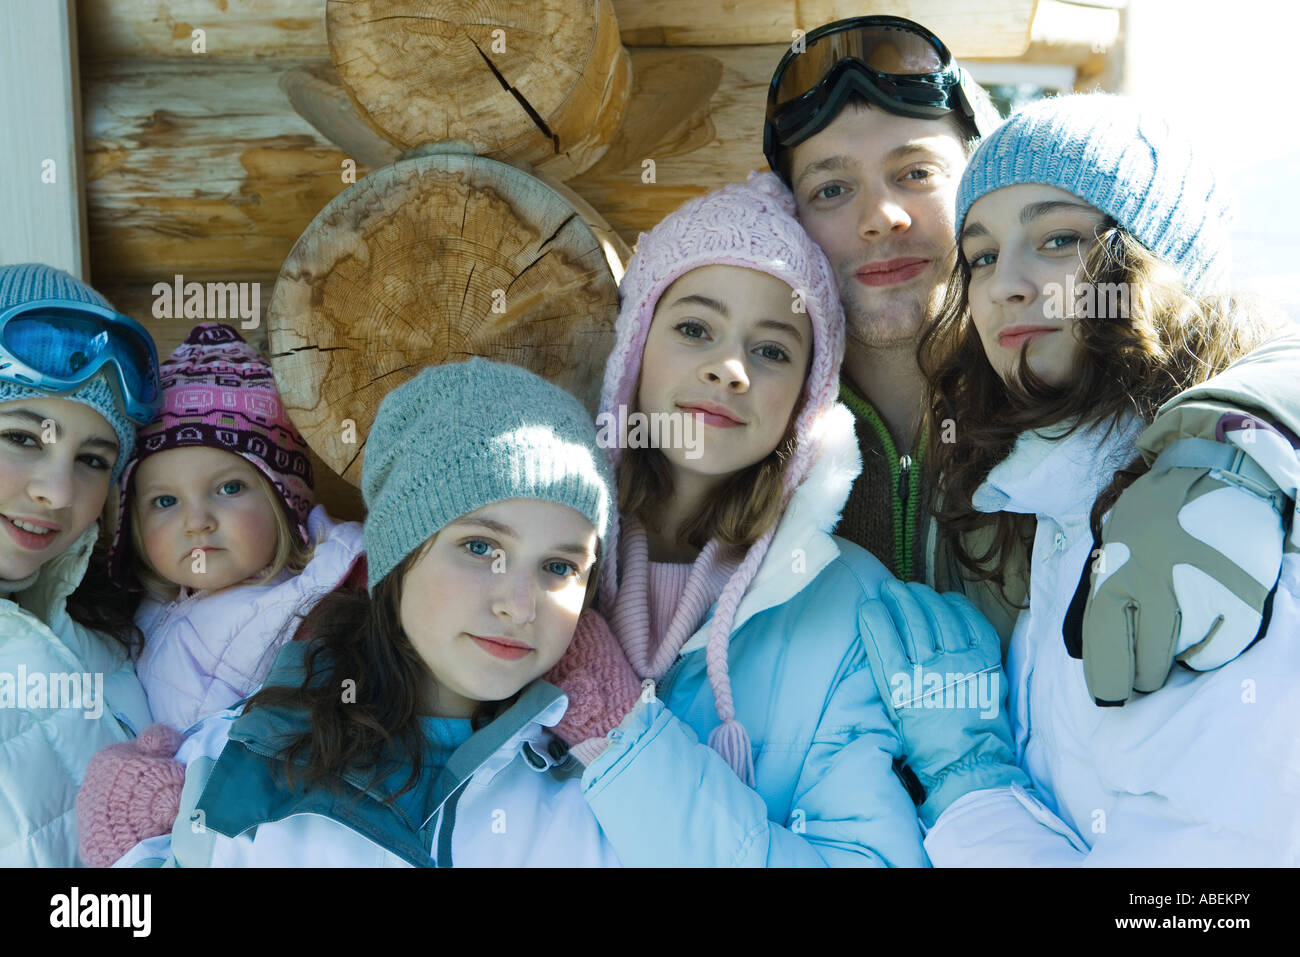 Giovani amici indossando abiti invernali, ritratto Immagini Stock